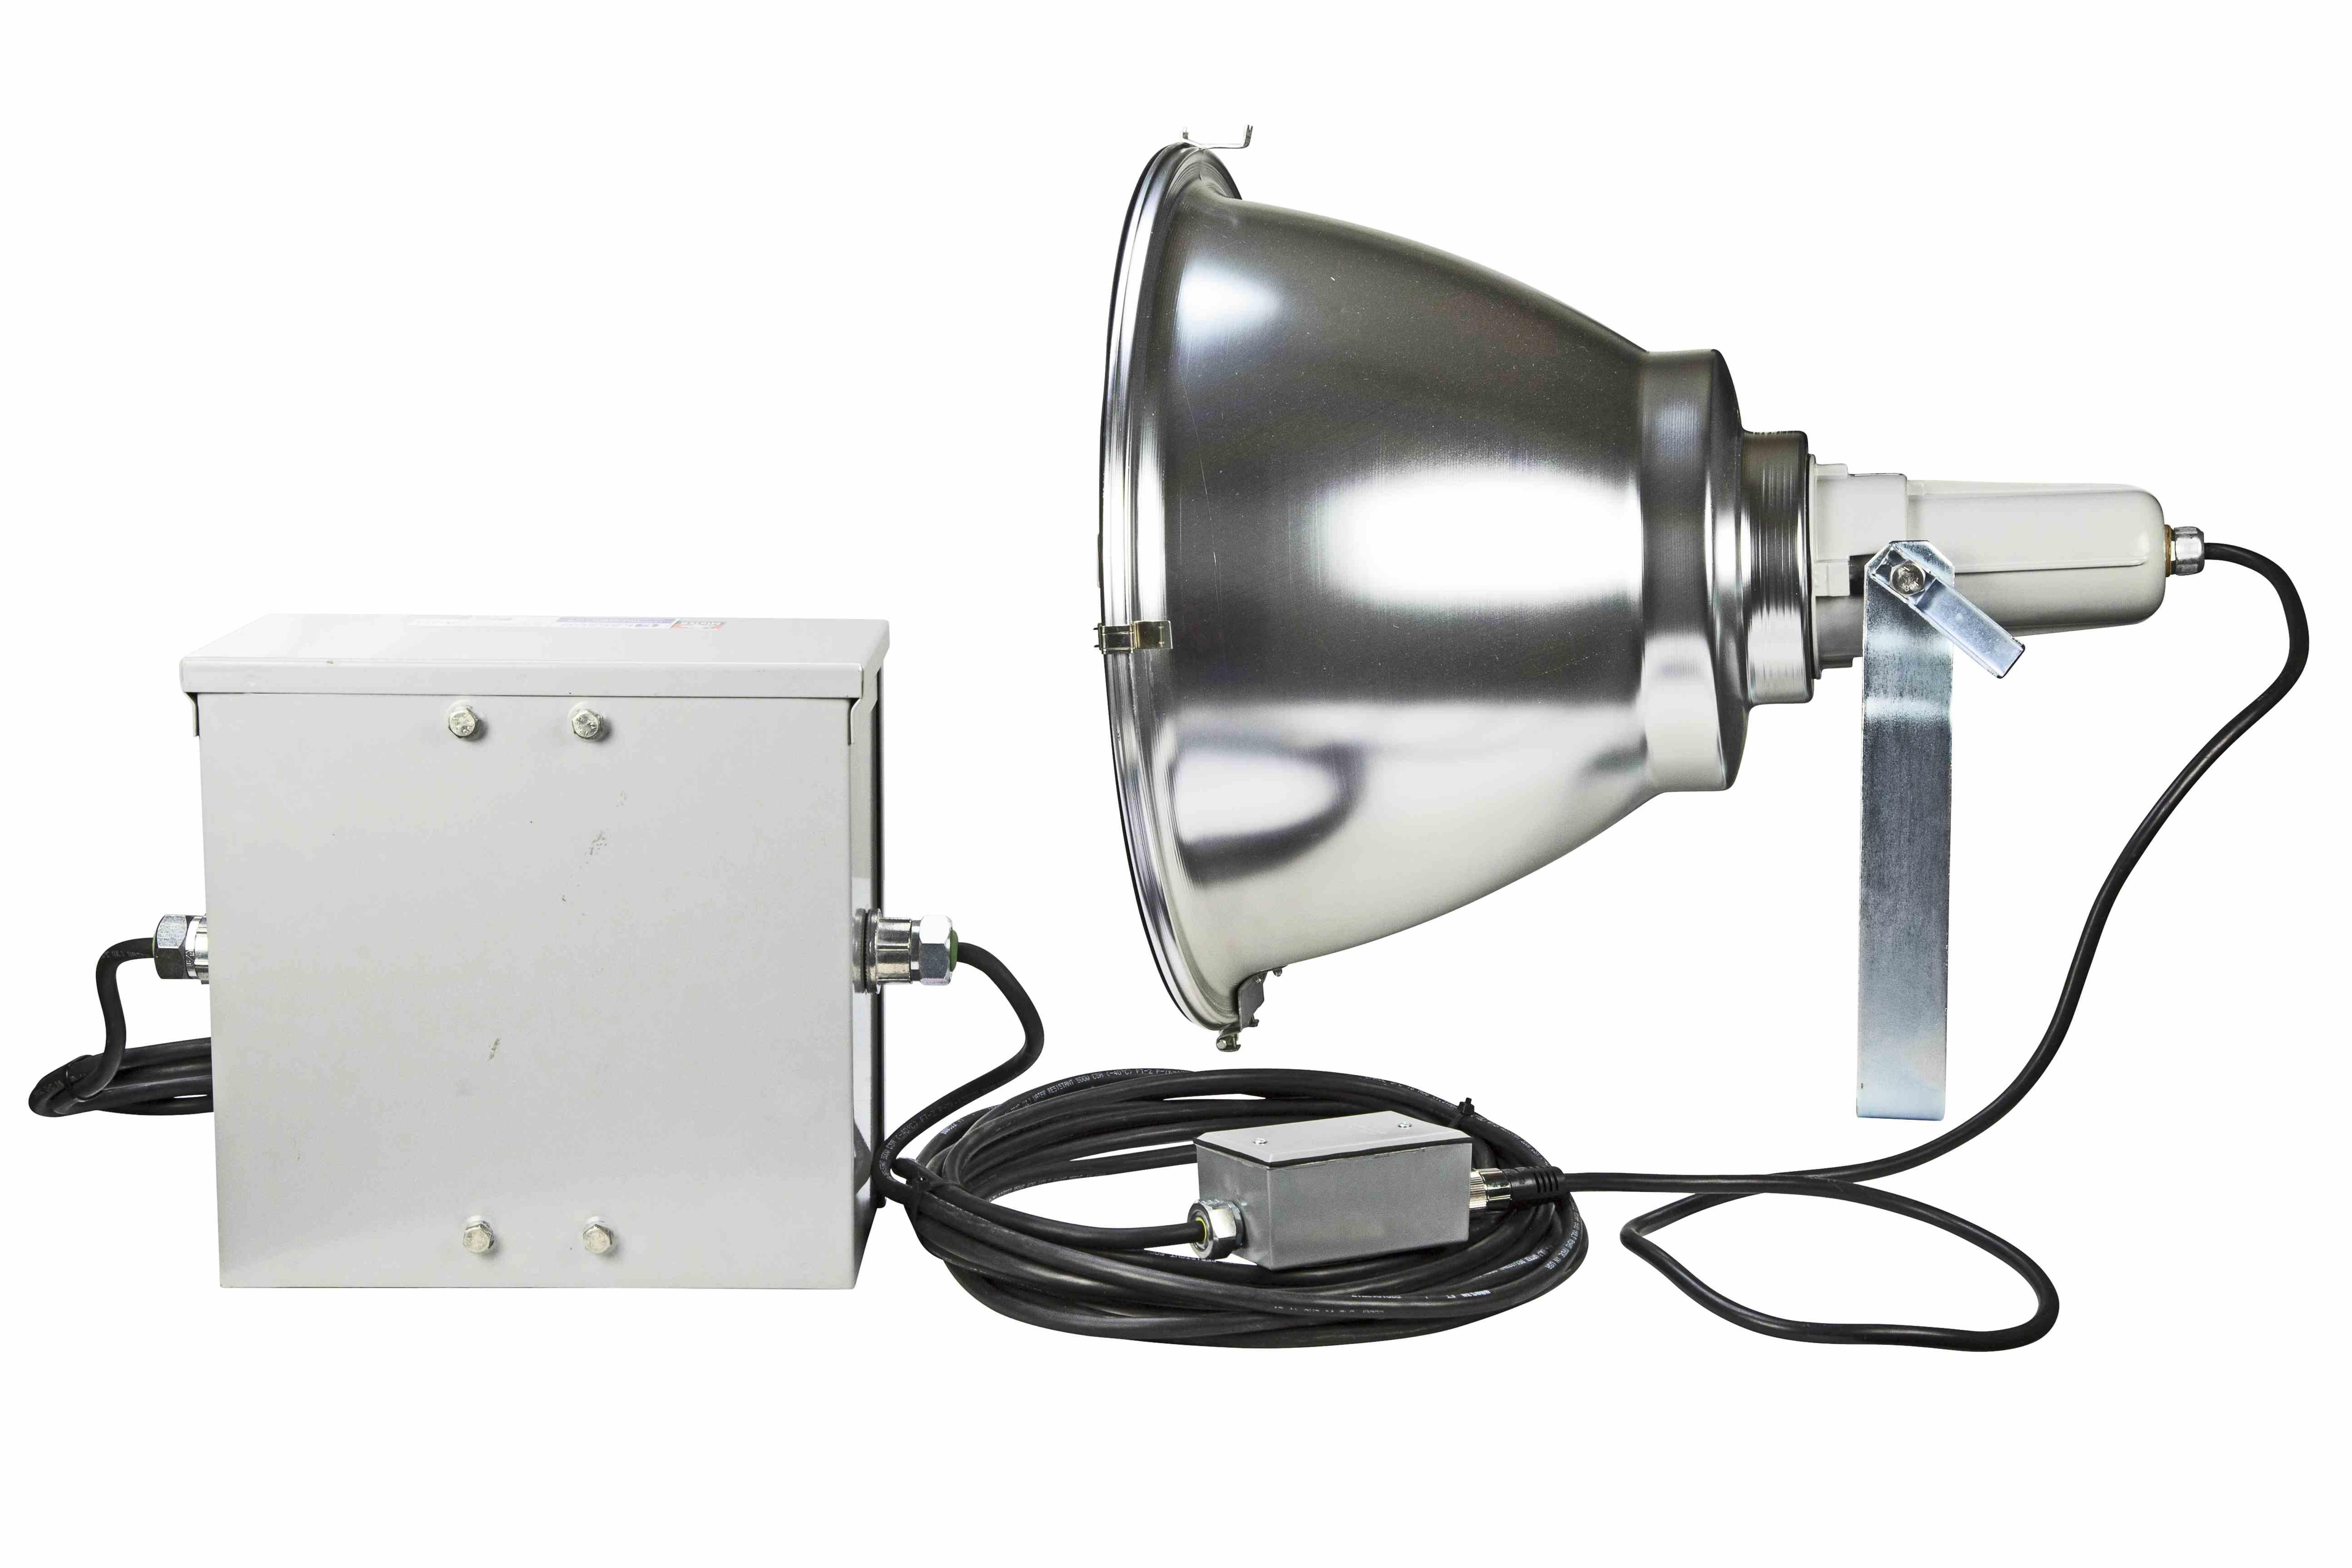 1000 watt metal halide ballast wiring diagram metal halide light fixture ballast light fixtures  metal halide light fixture ballast